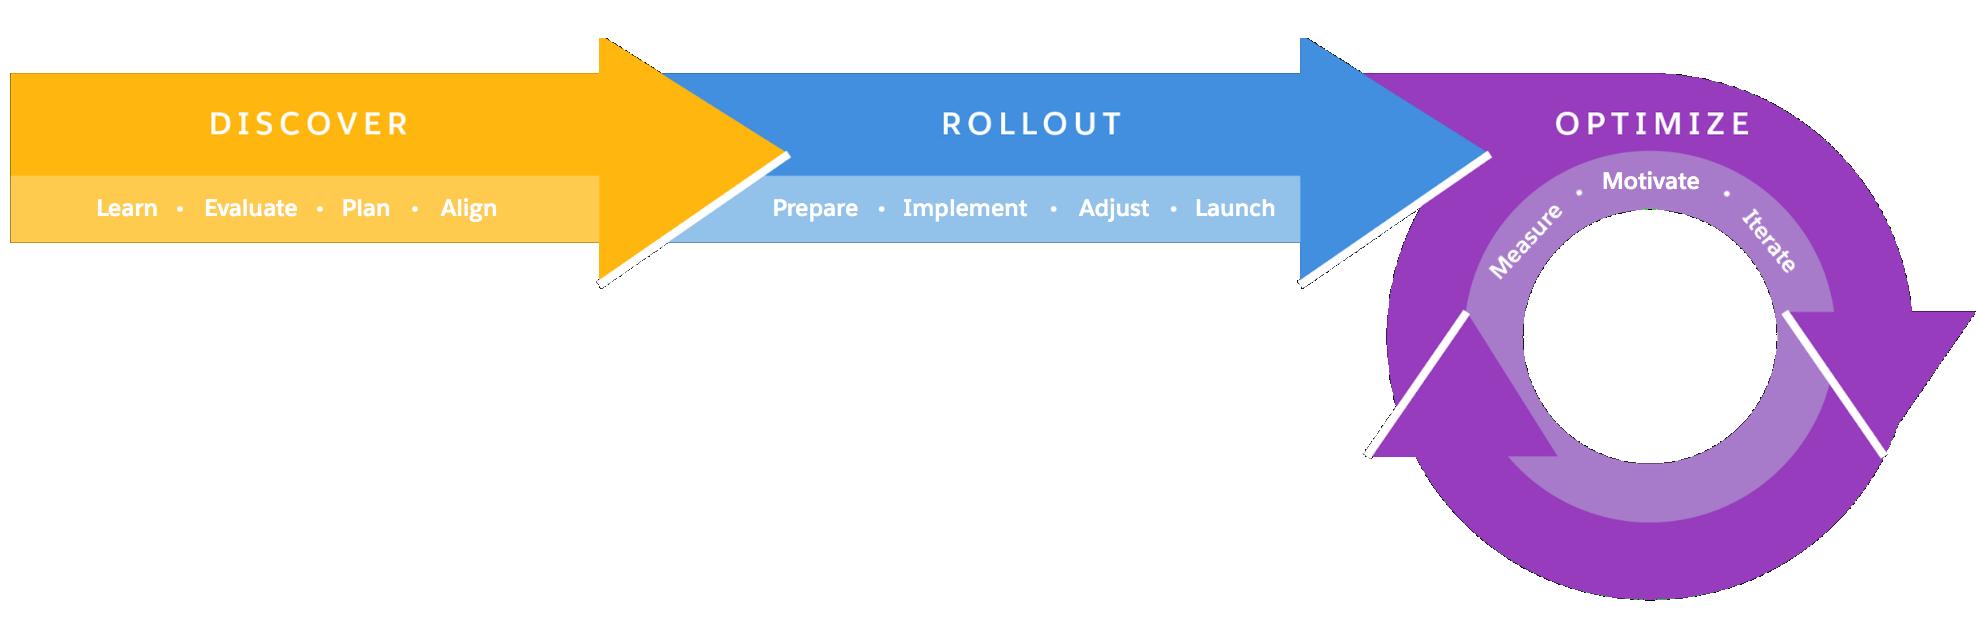 Imagen que representa las fases y las etapas del marco de trabajo de transición a Lightning Experience